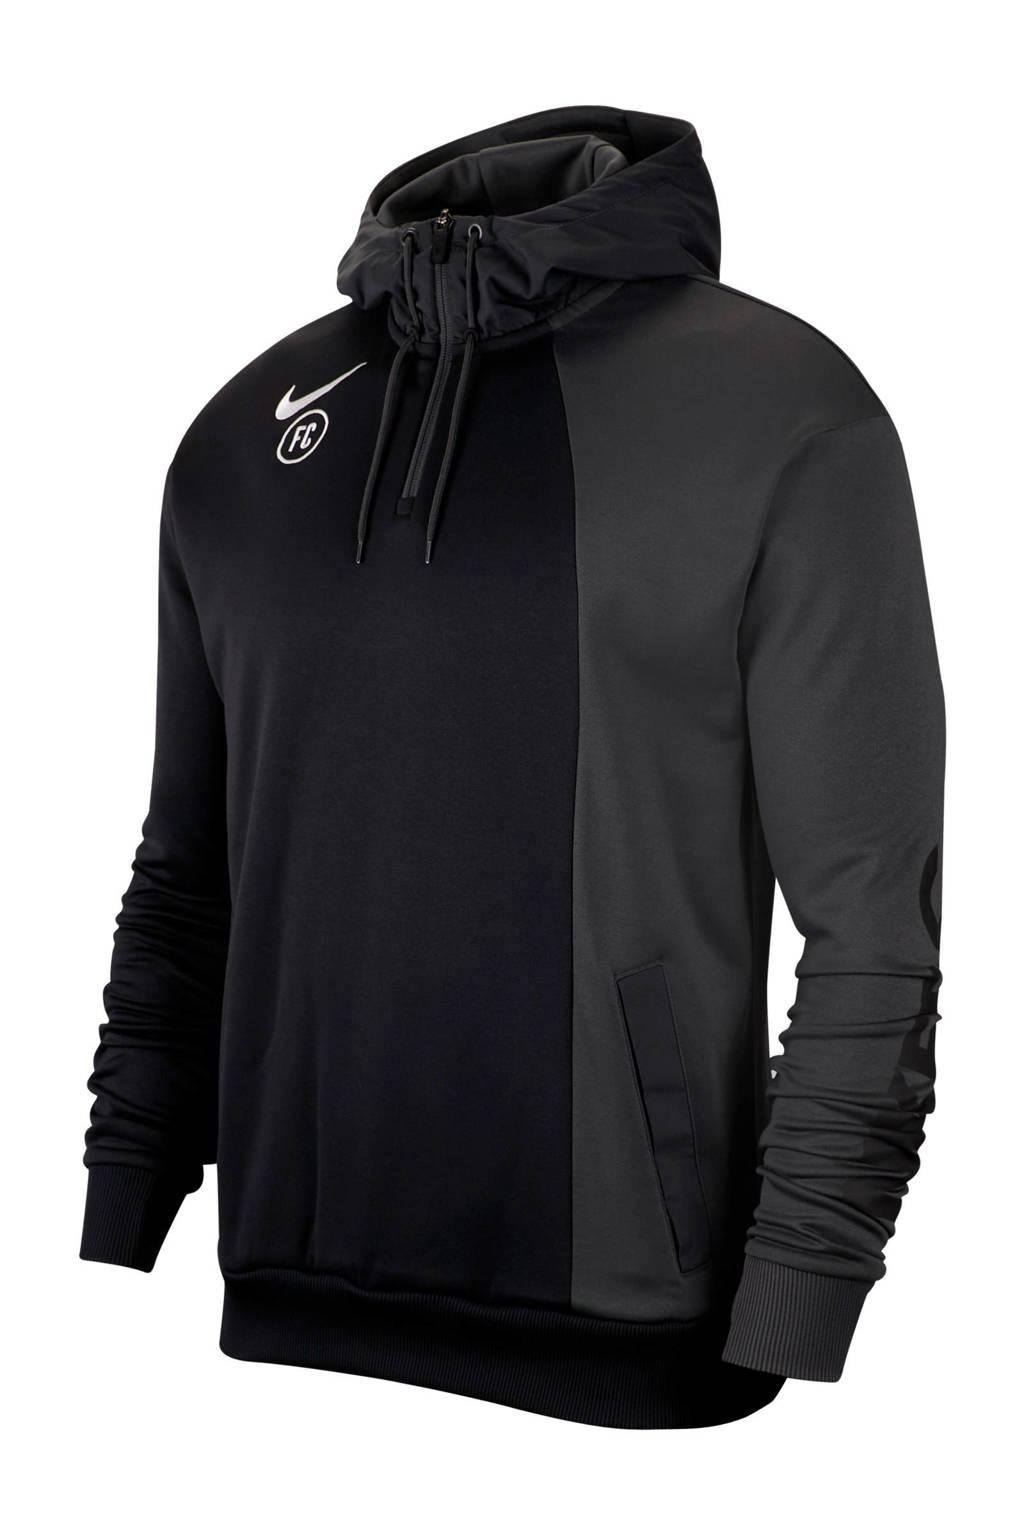 Nike   F.C. voetbalsweater zwart/grijs, Zwart/grijs